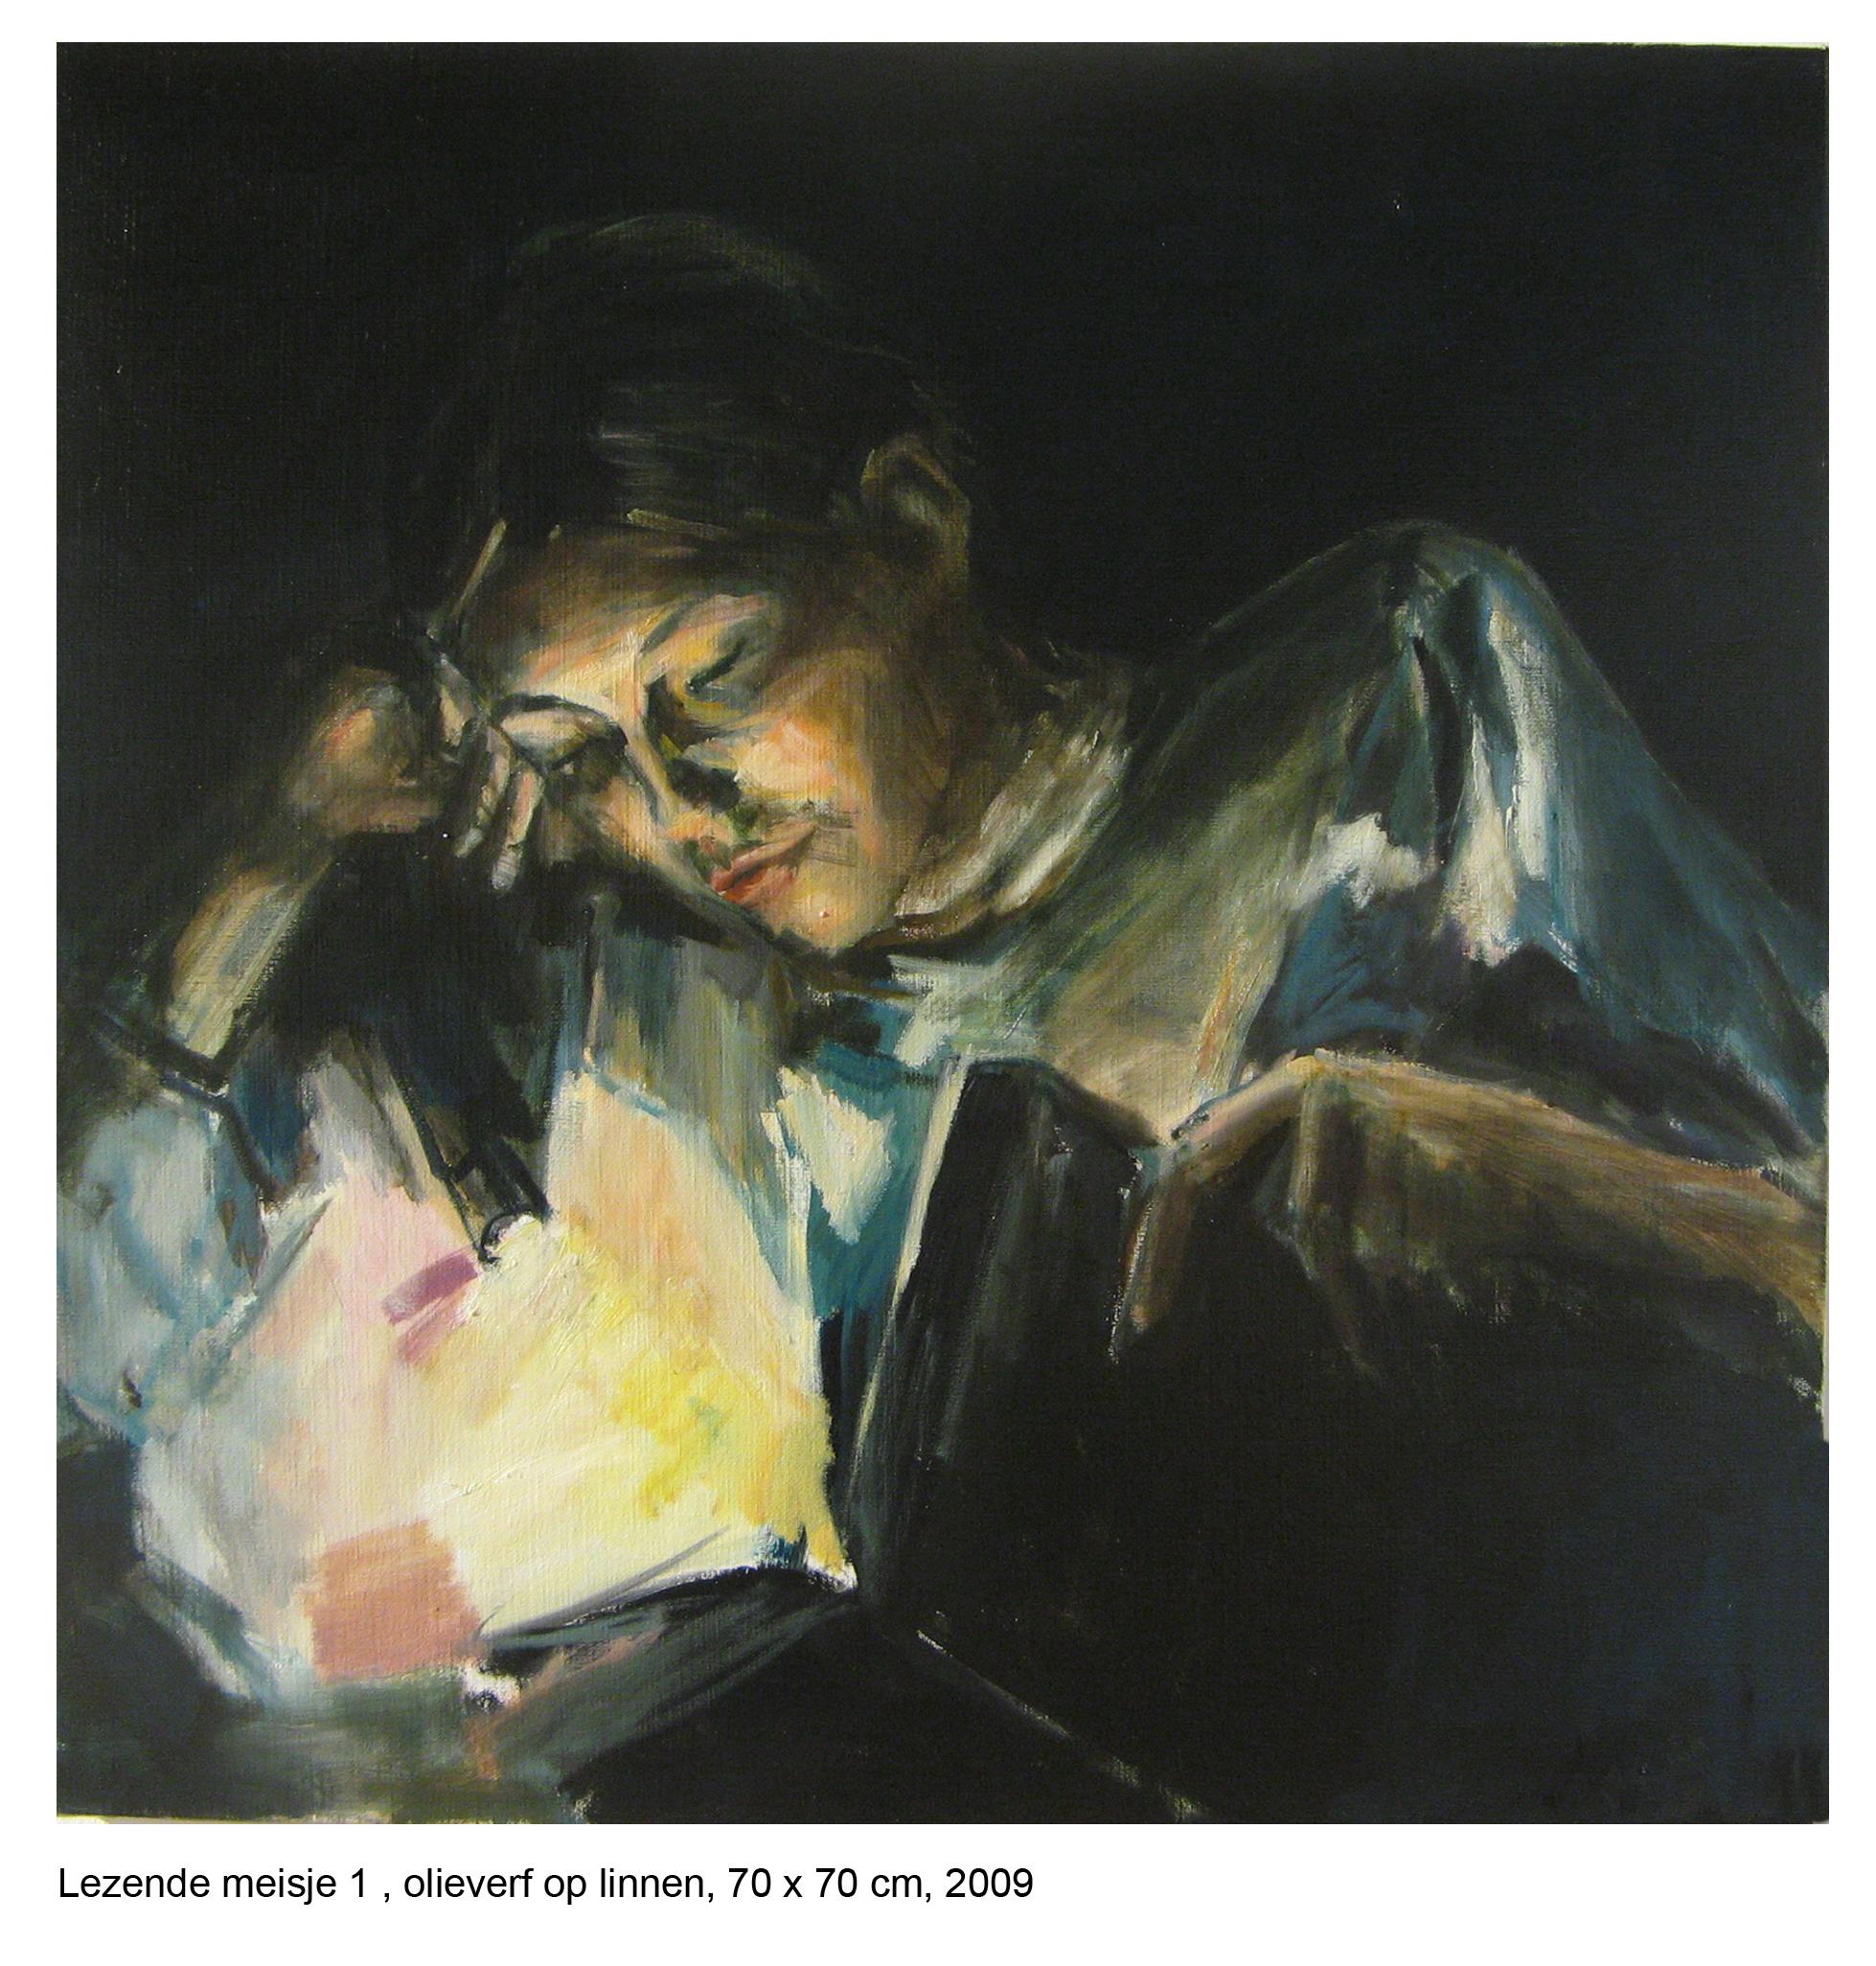 lezendmeisje, 70 x 70 cm, olieverf op linnen, 2009